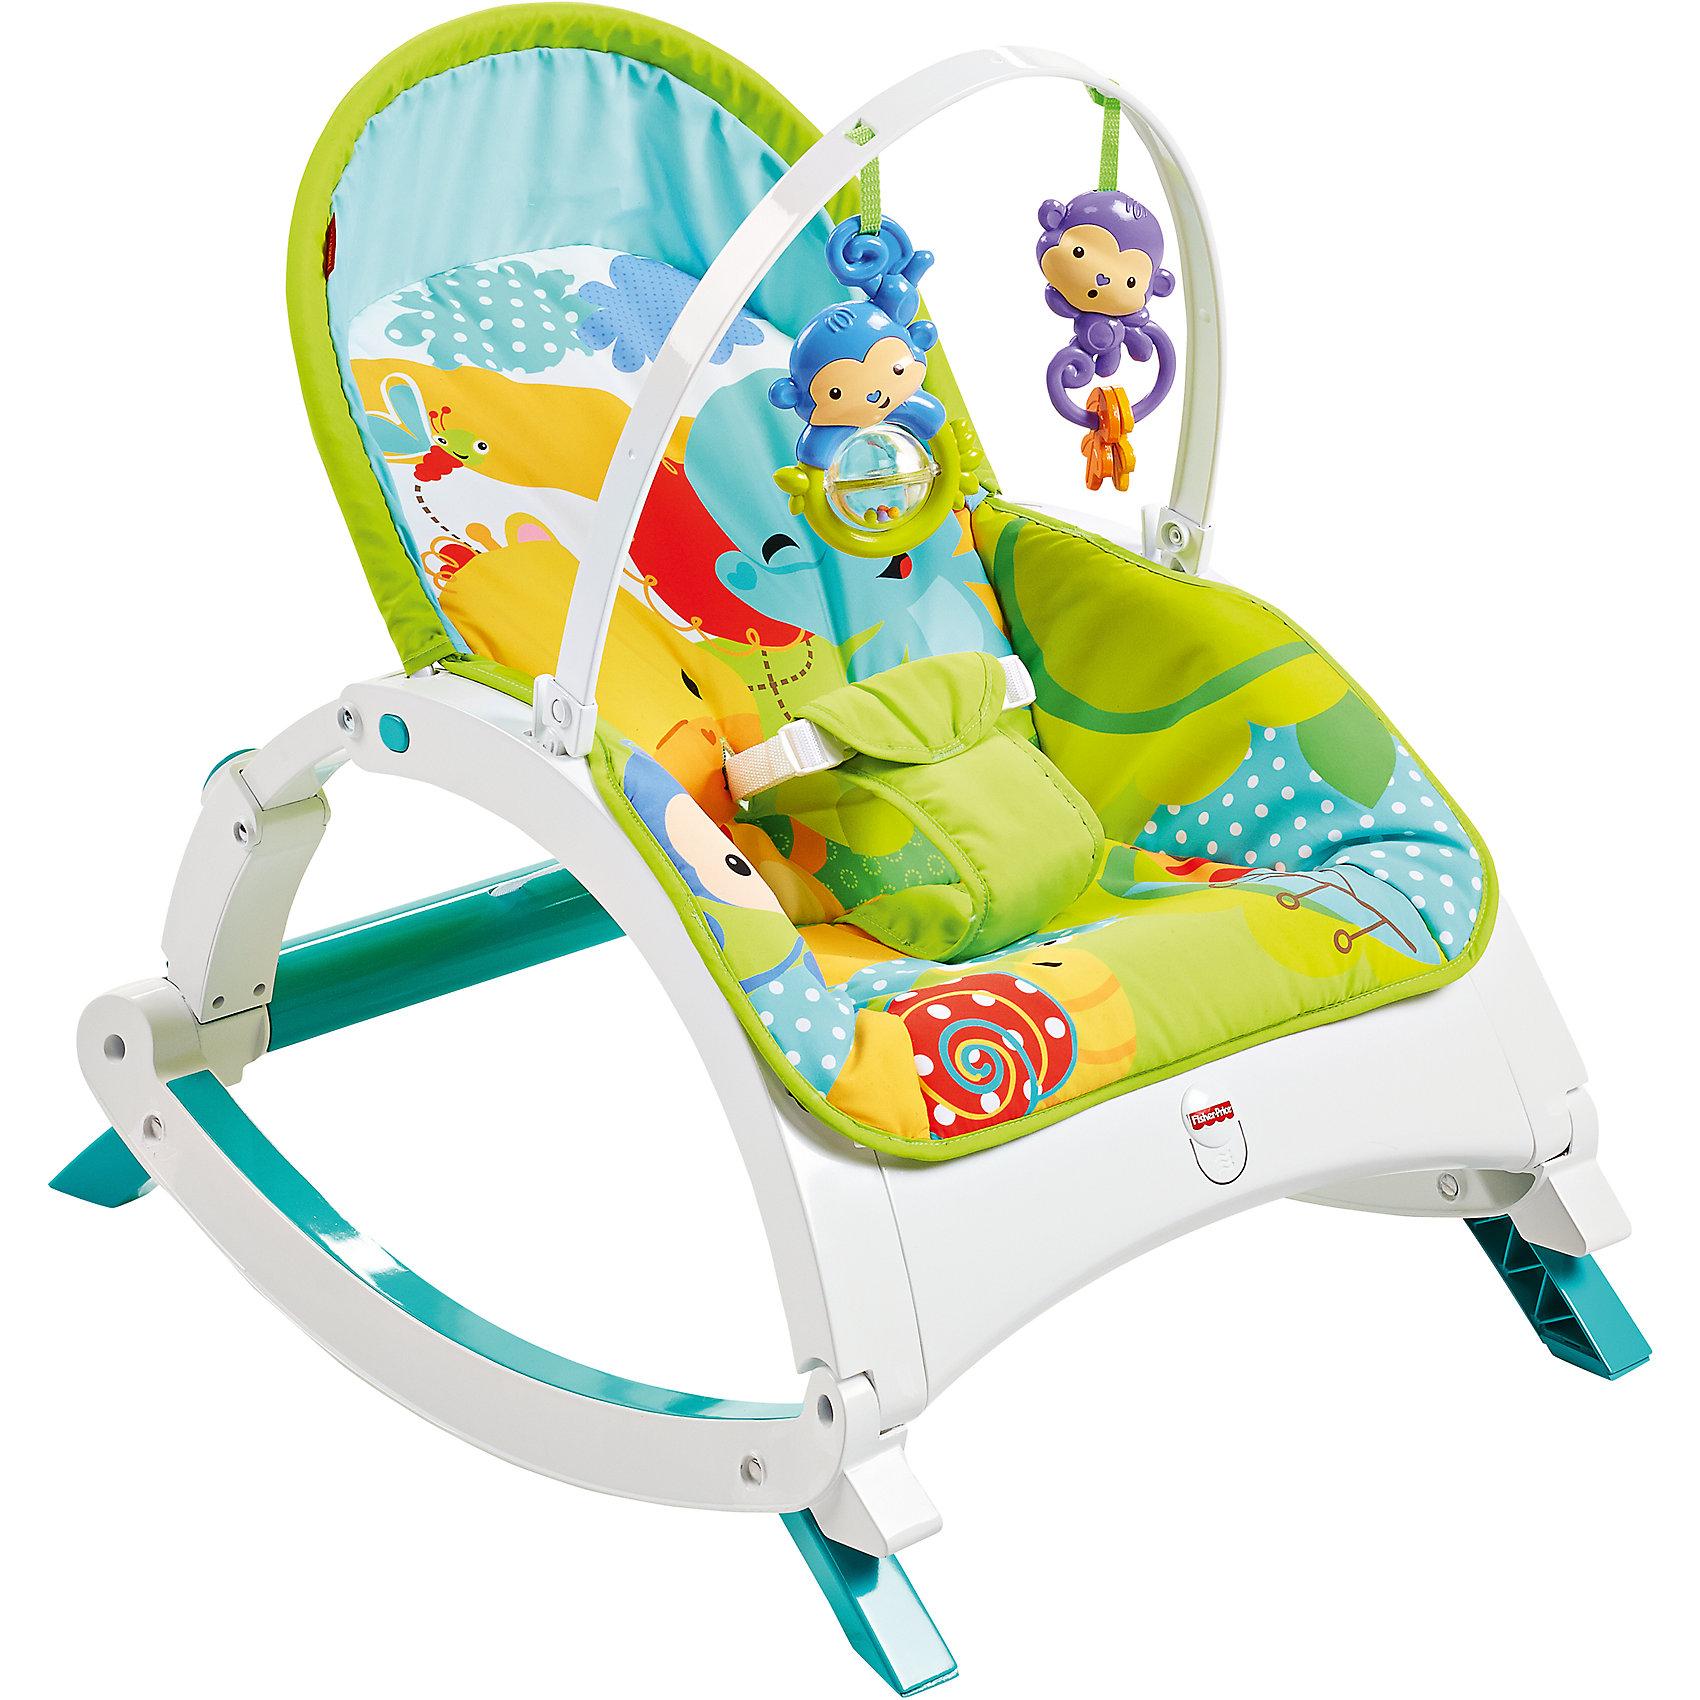 Кресло-качалка Друзья из тропического леса, Fisher-Price (Mattel)